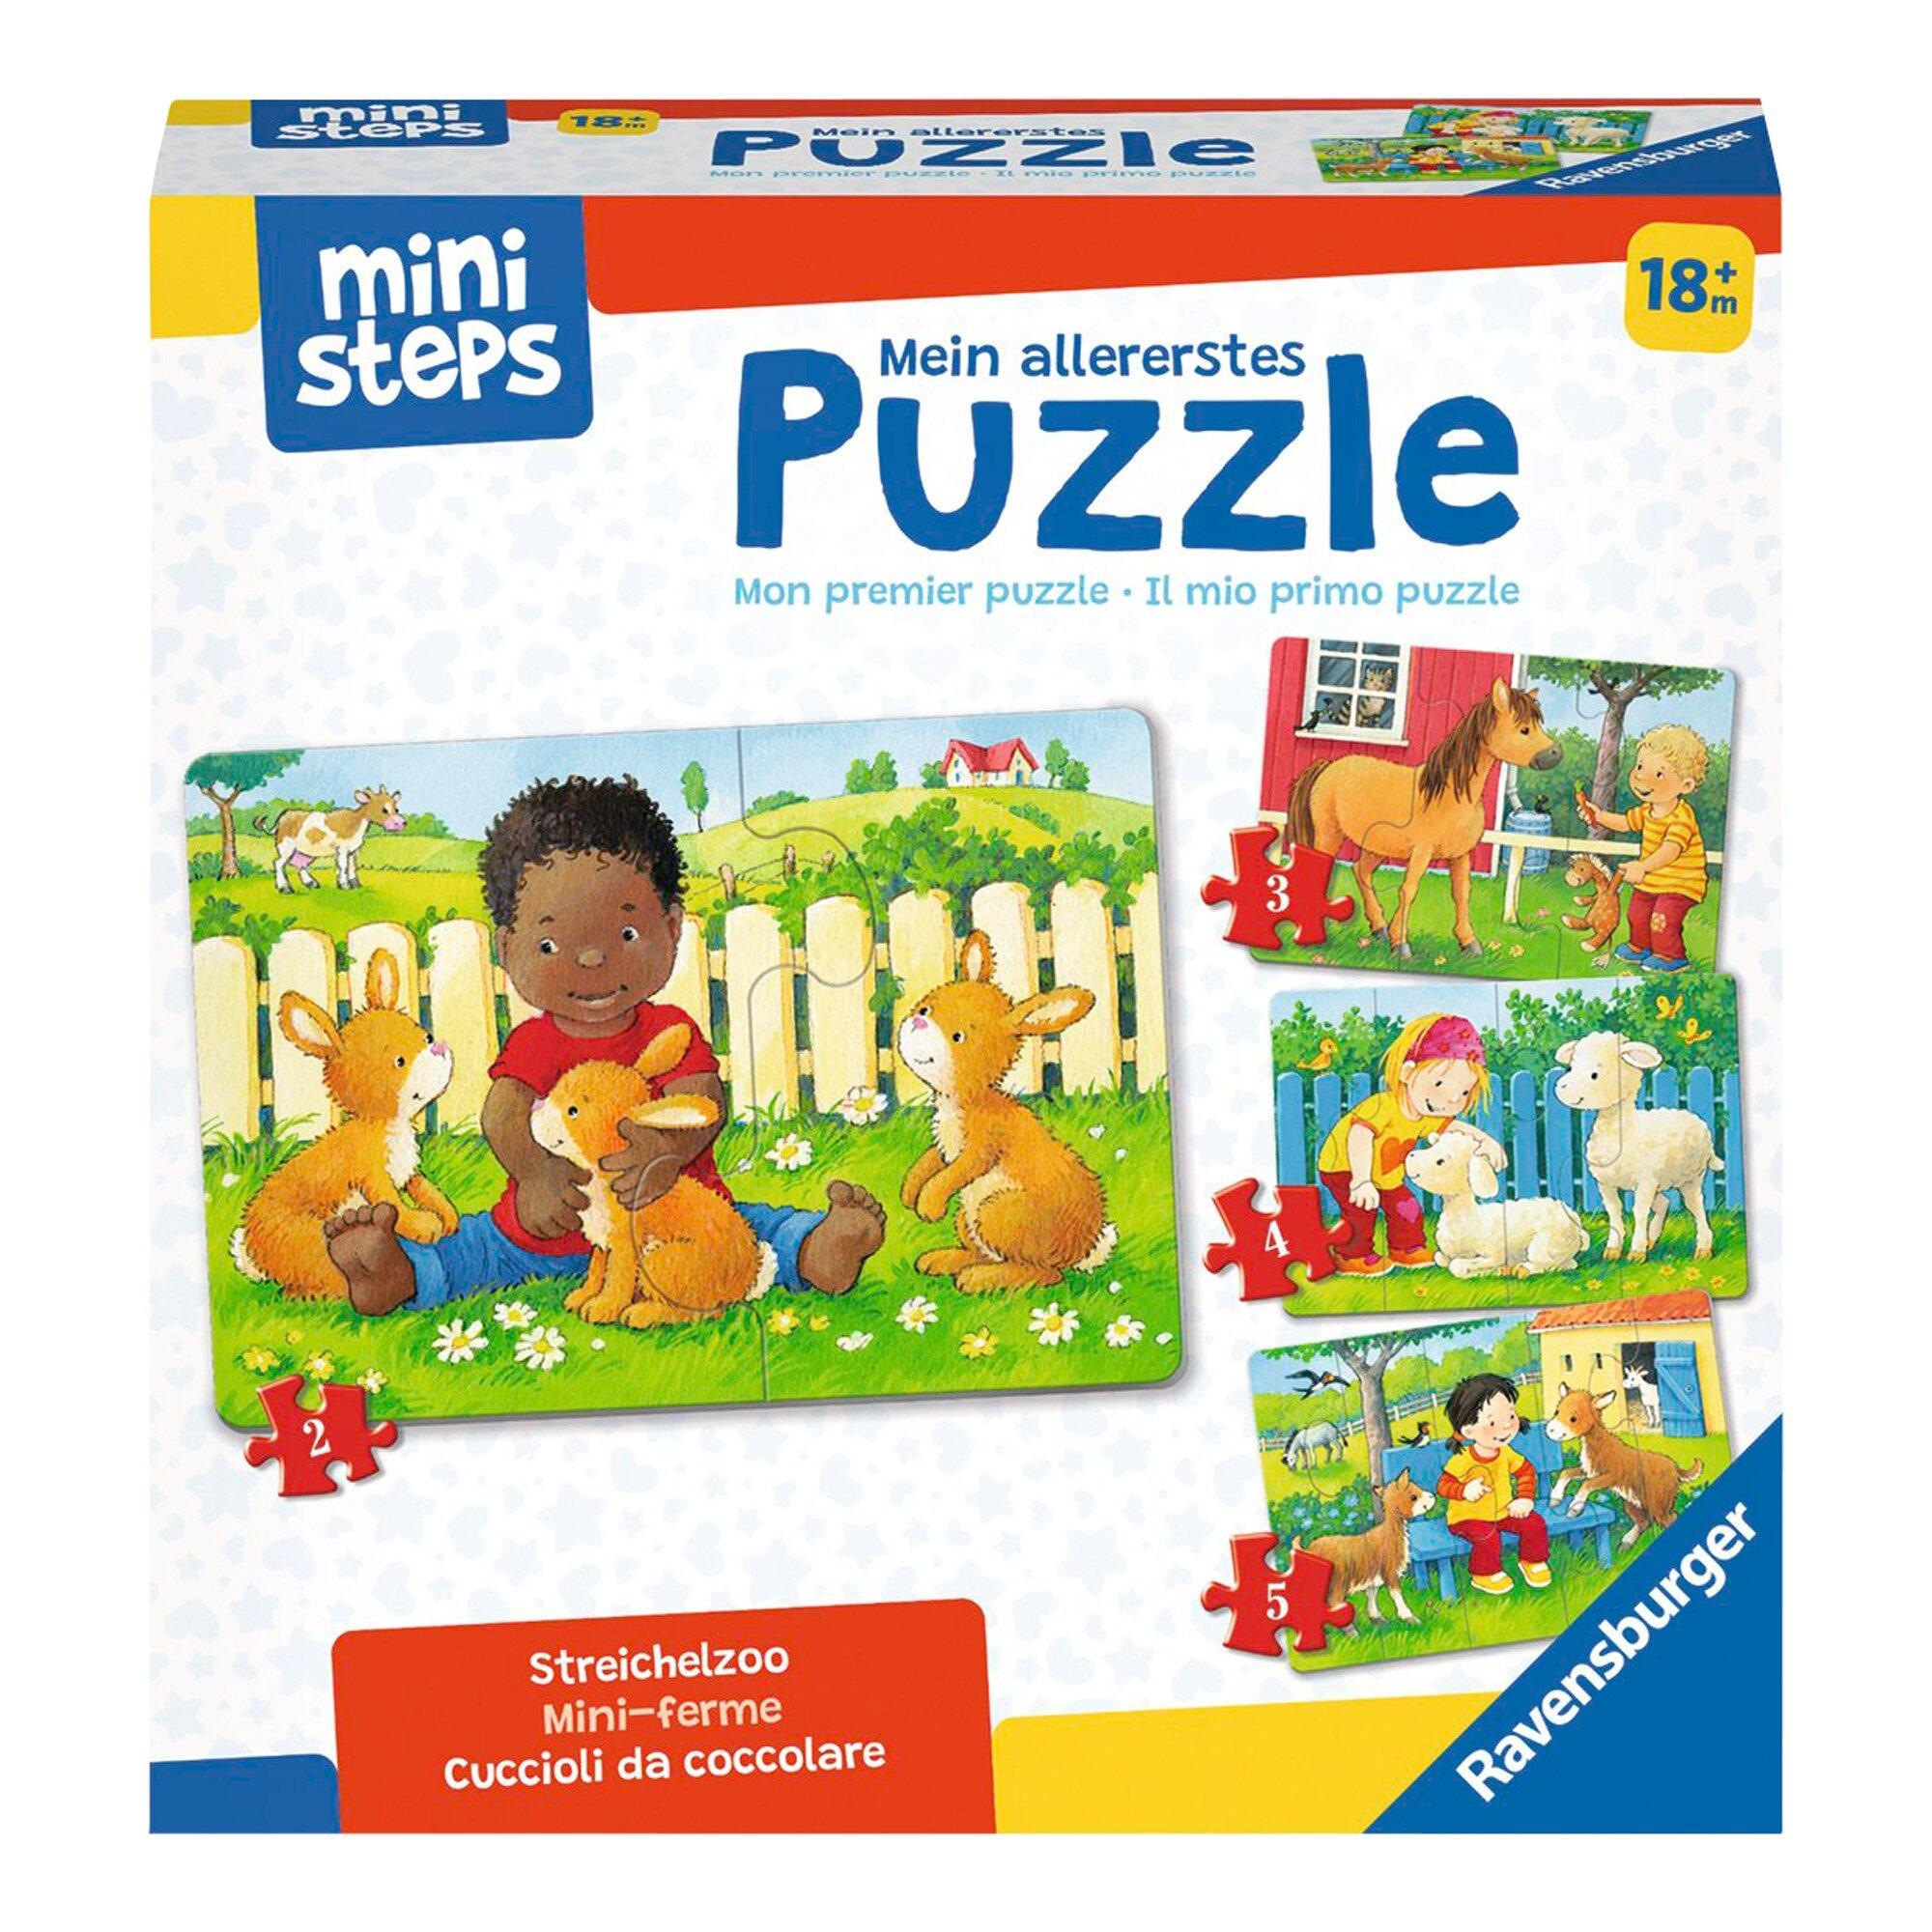 Mein allererstes Puzzle - Streichelzoo